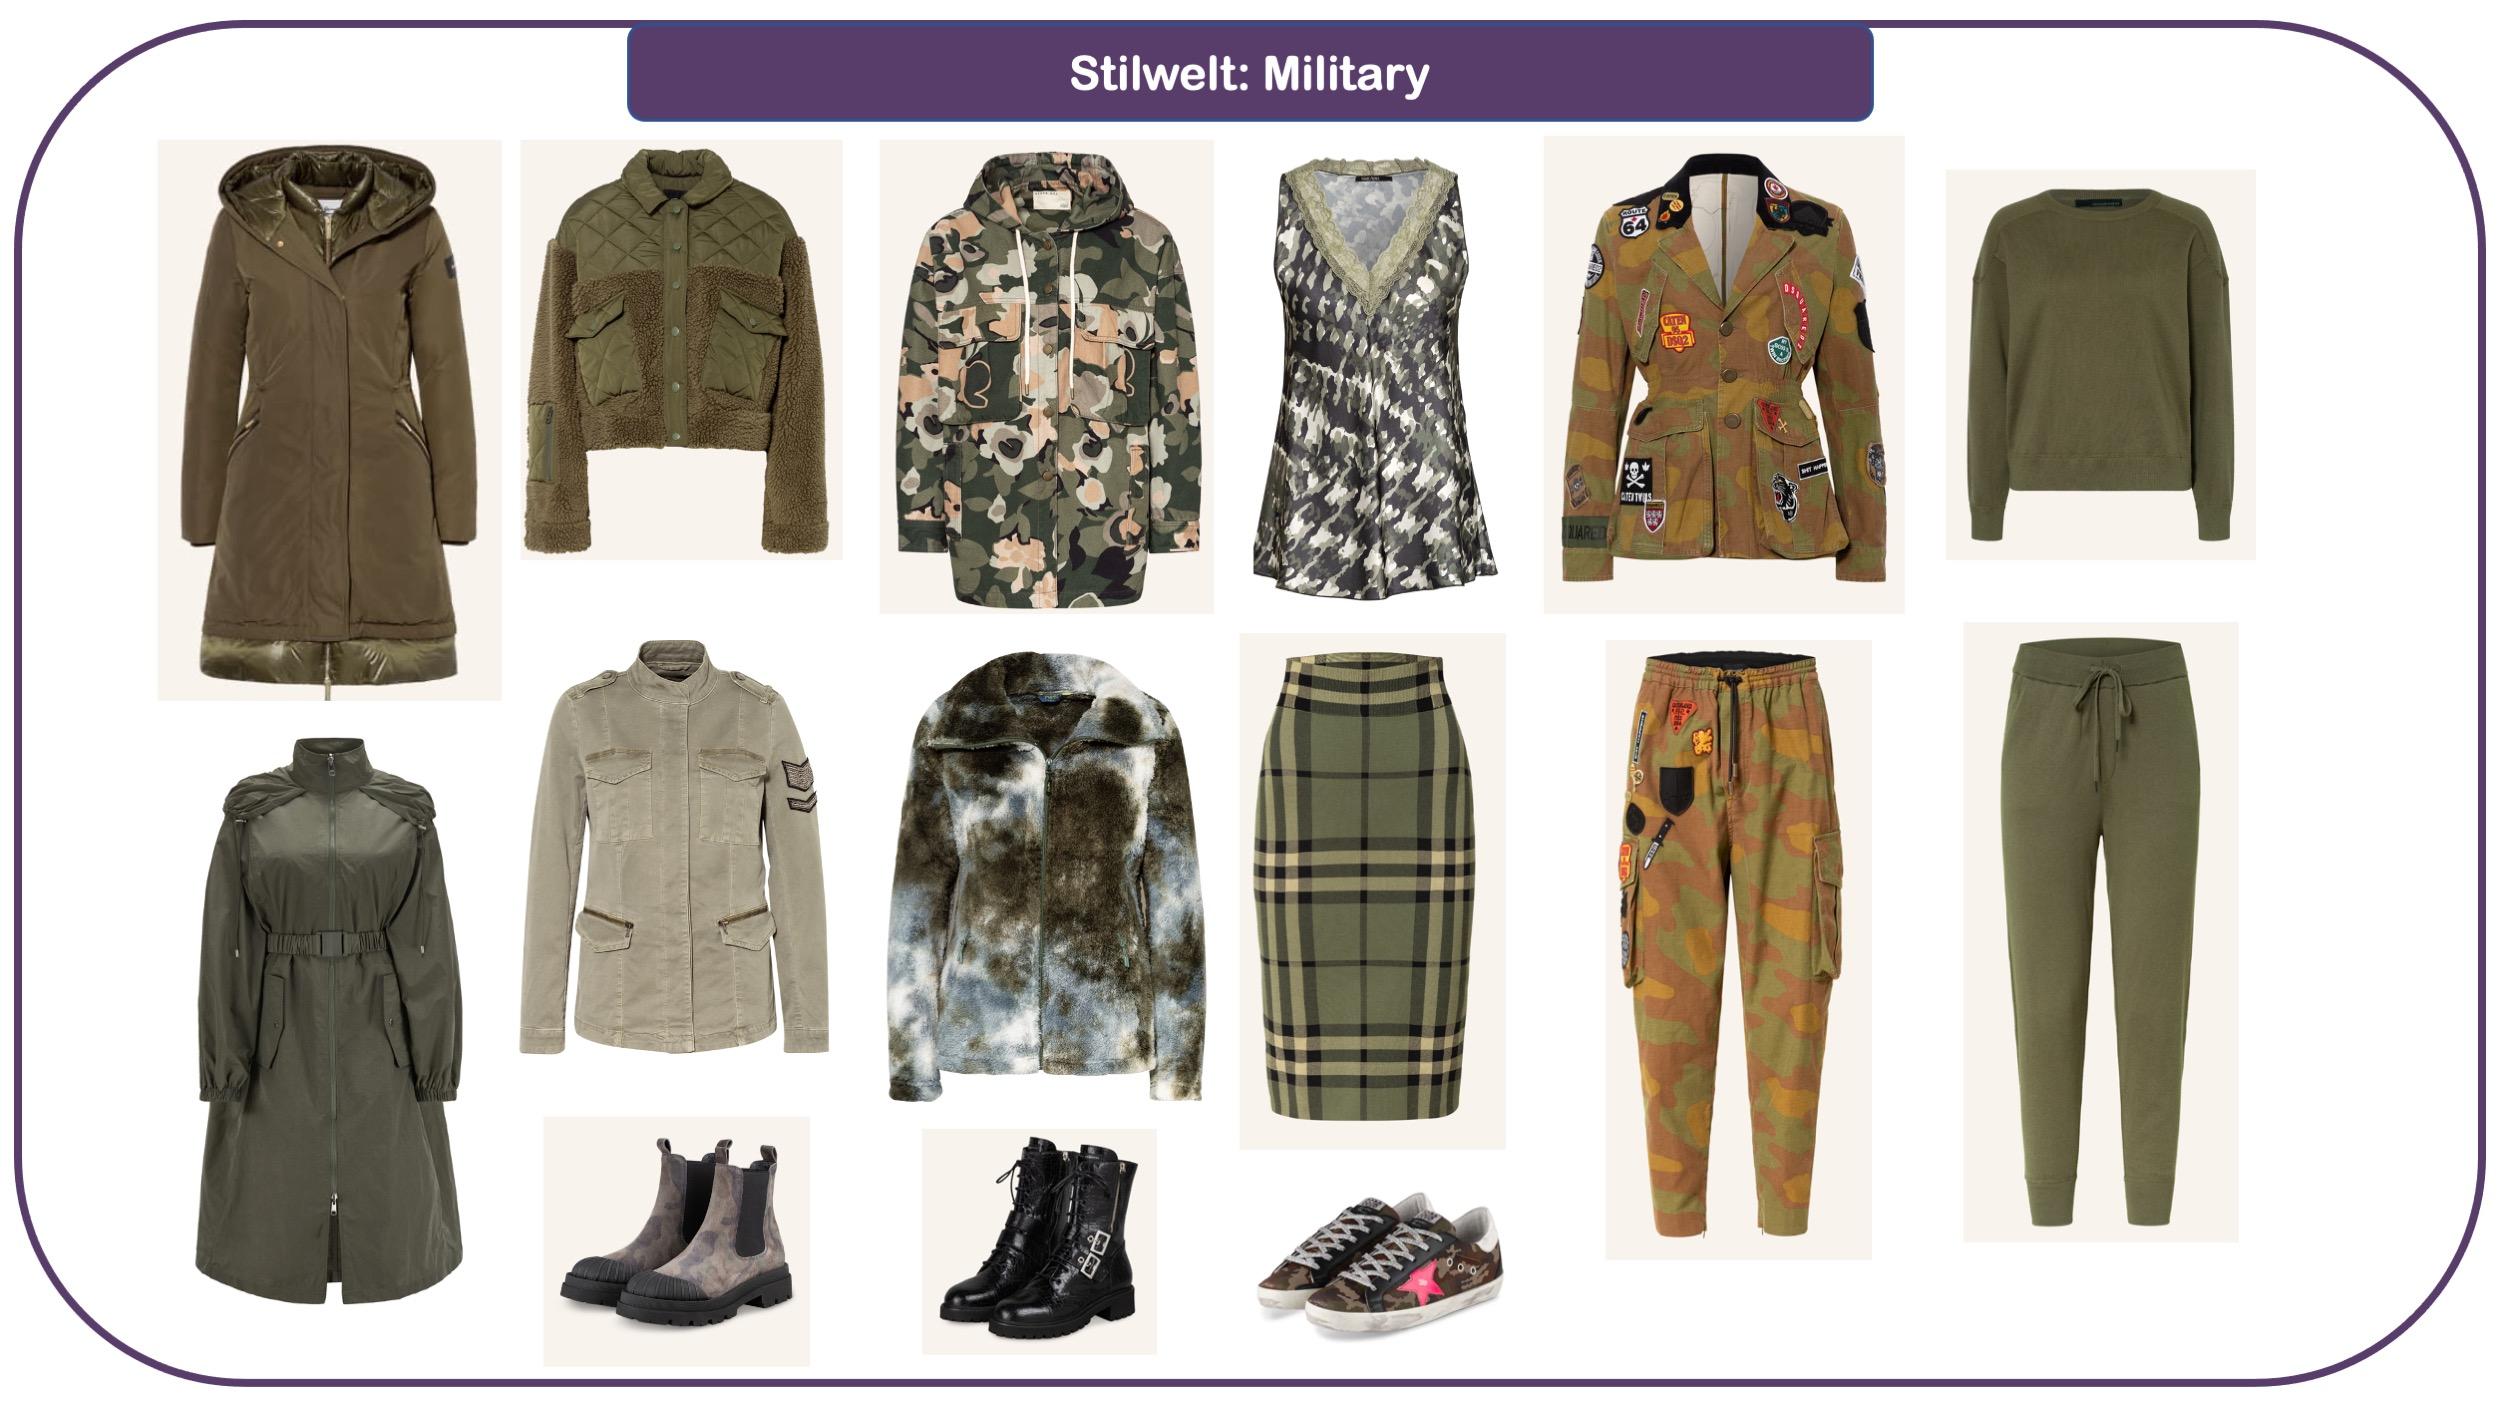 Modetrends für Herbst und Winter 2021/22 - Military Chic